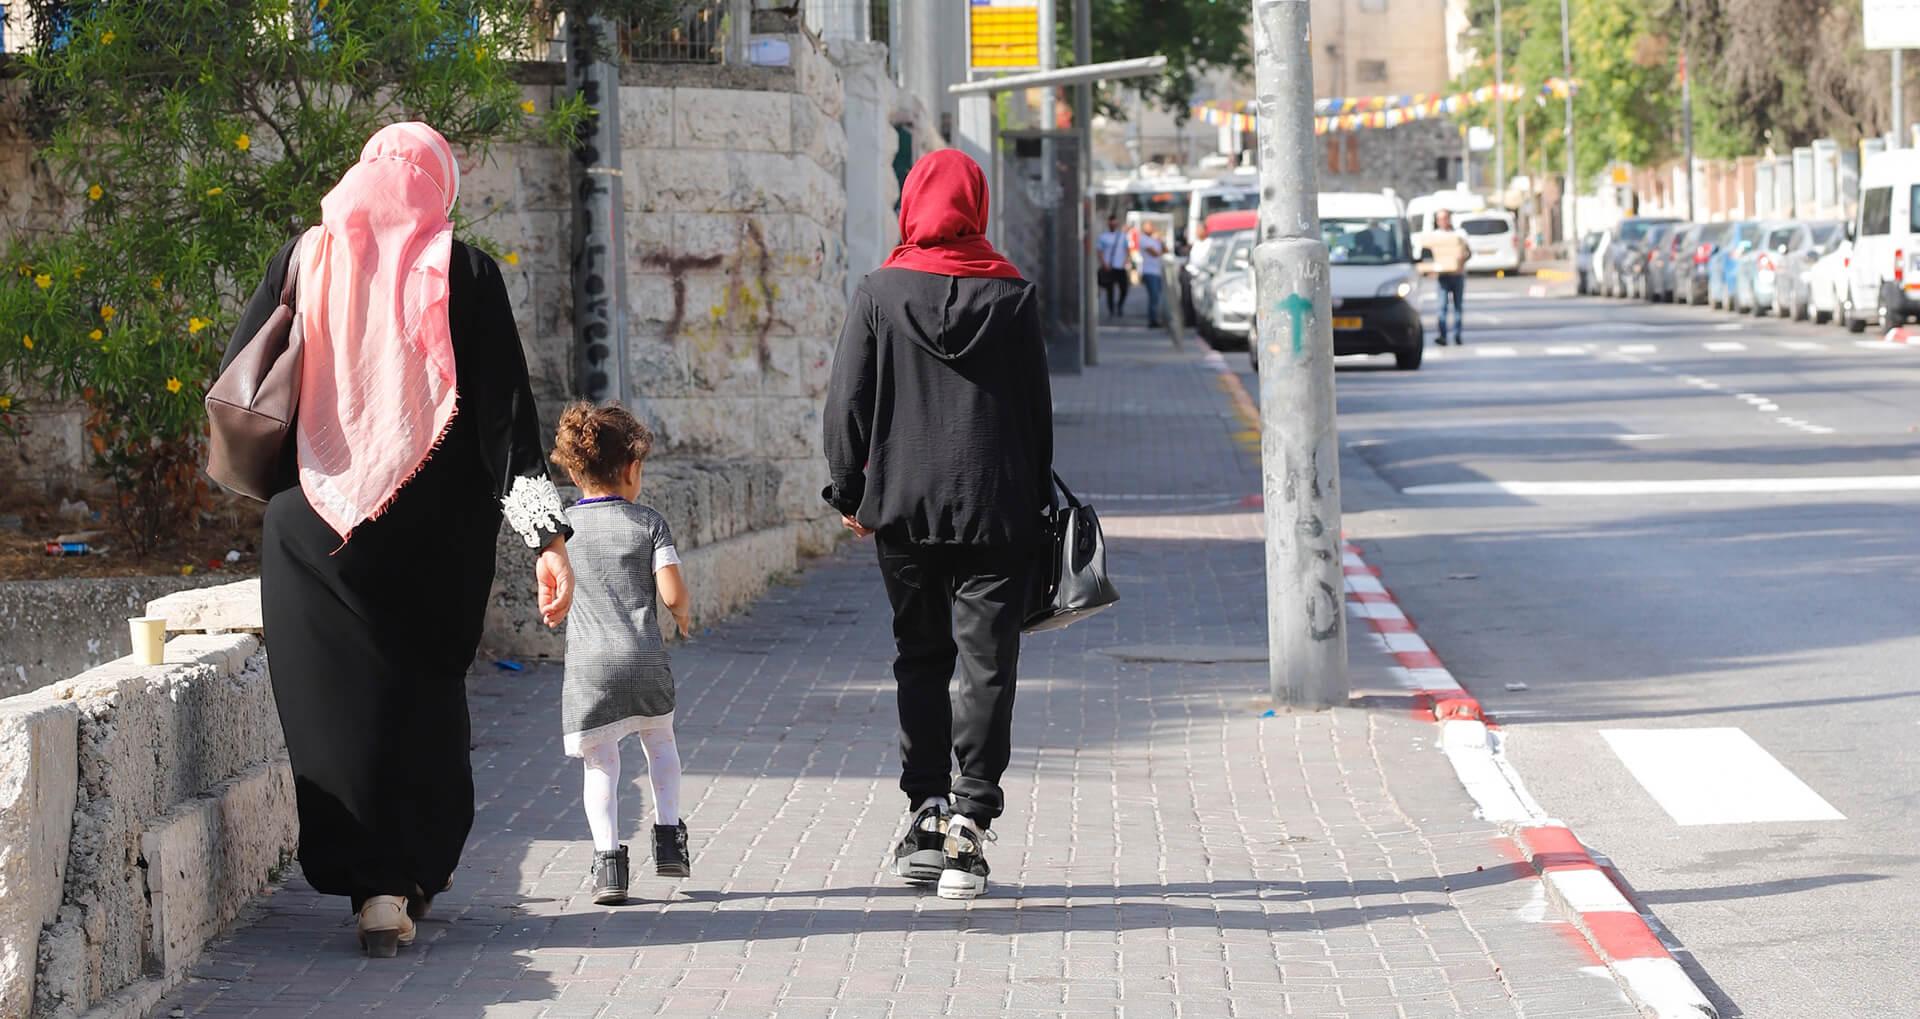 עשרות רבות, אולי אפילו מאות, אינם מטפלים. אם ובתה ביציאה מגן לחינוך מיוחד (צילום: ריקי רחמן, מדינת ירושלים)